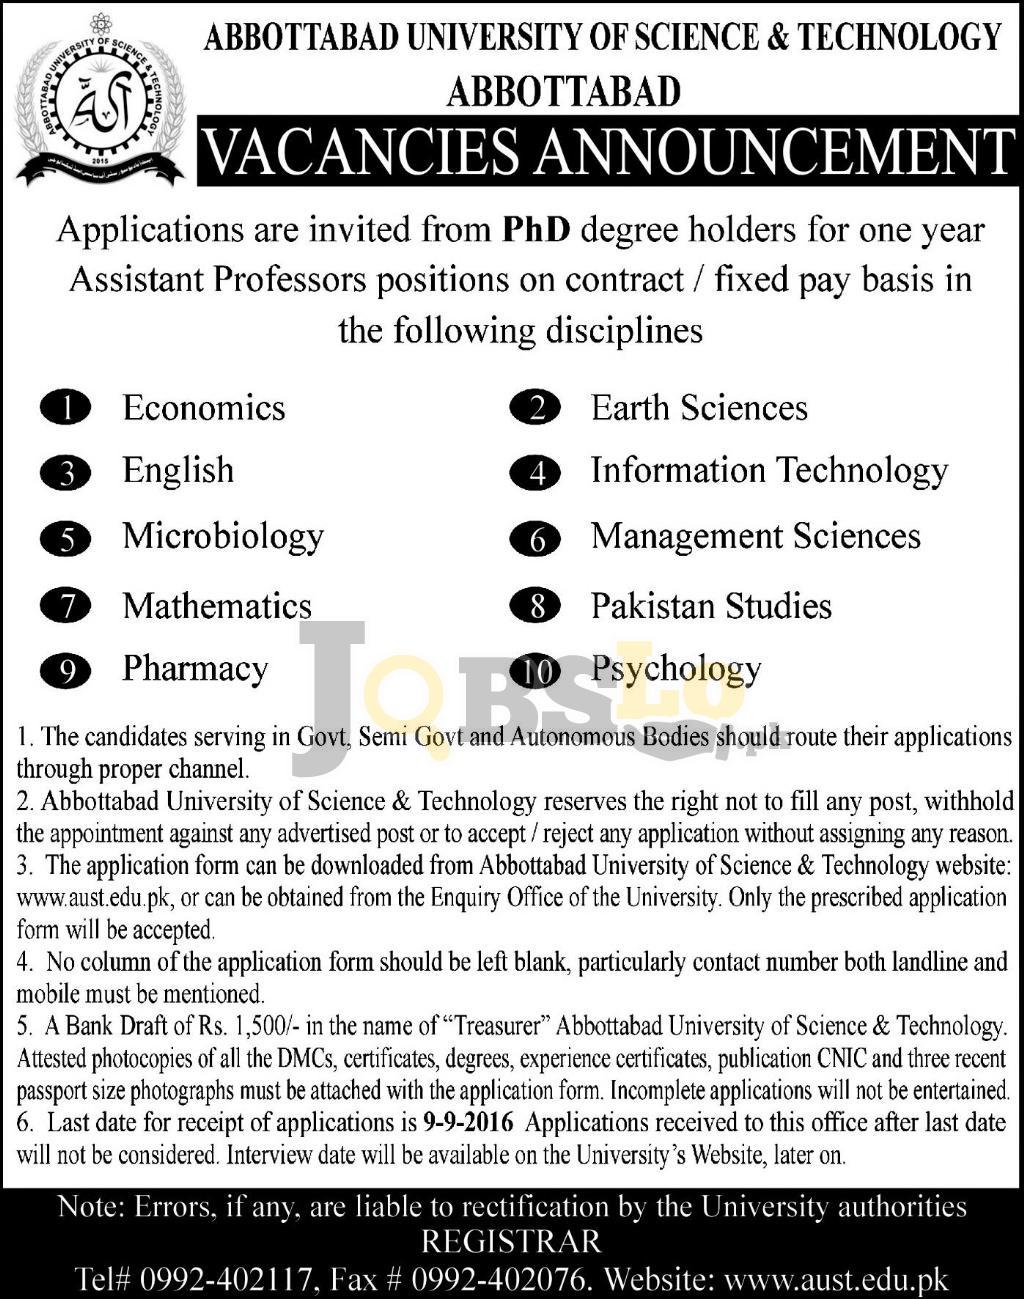 AUST Abbottabad Jobs